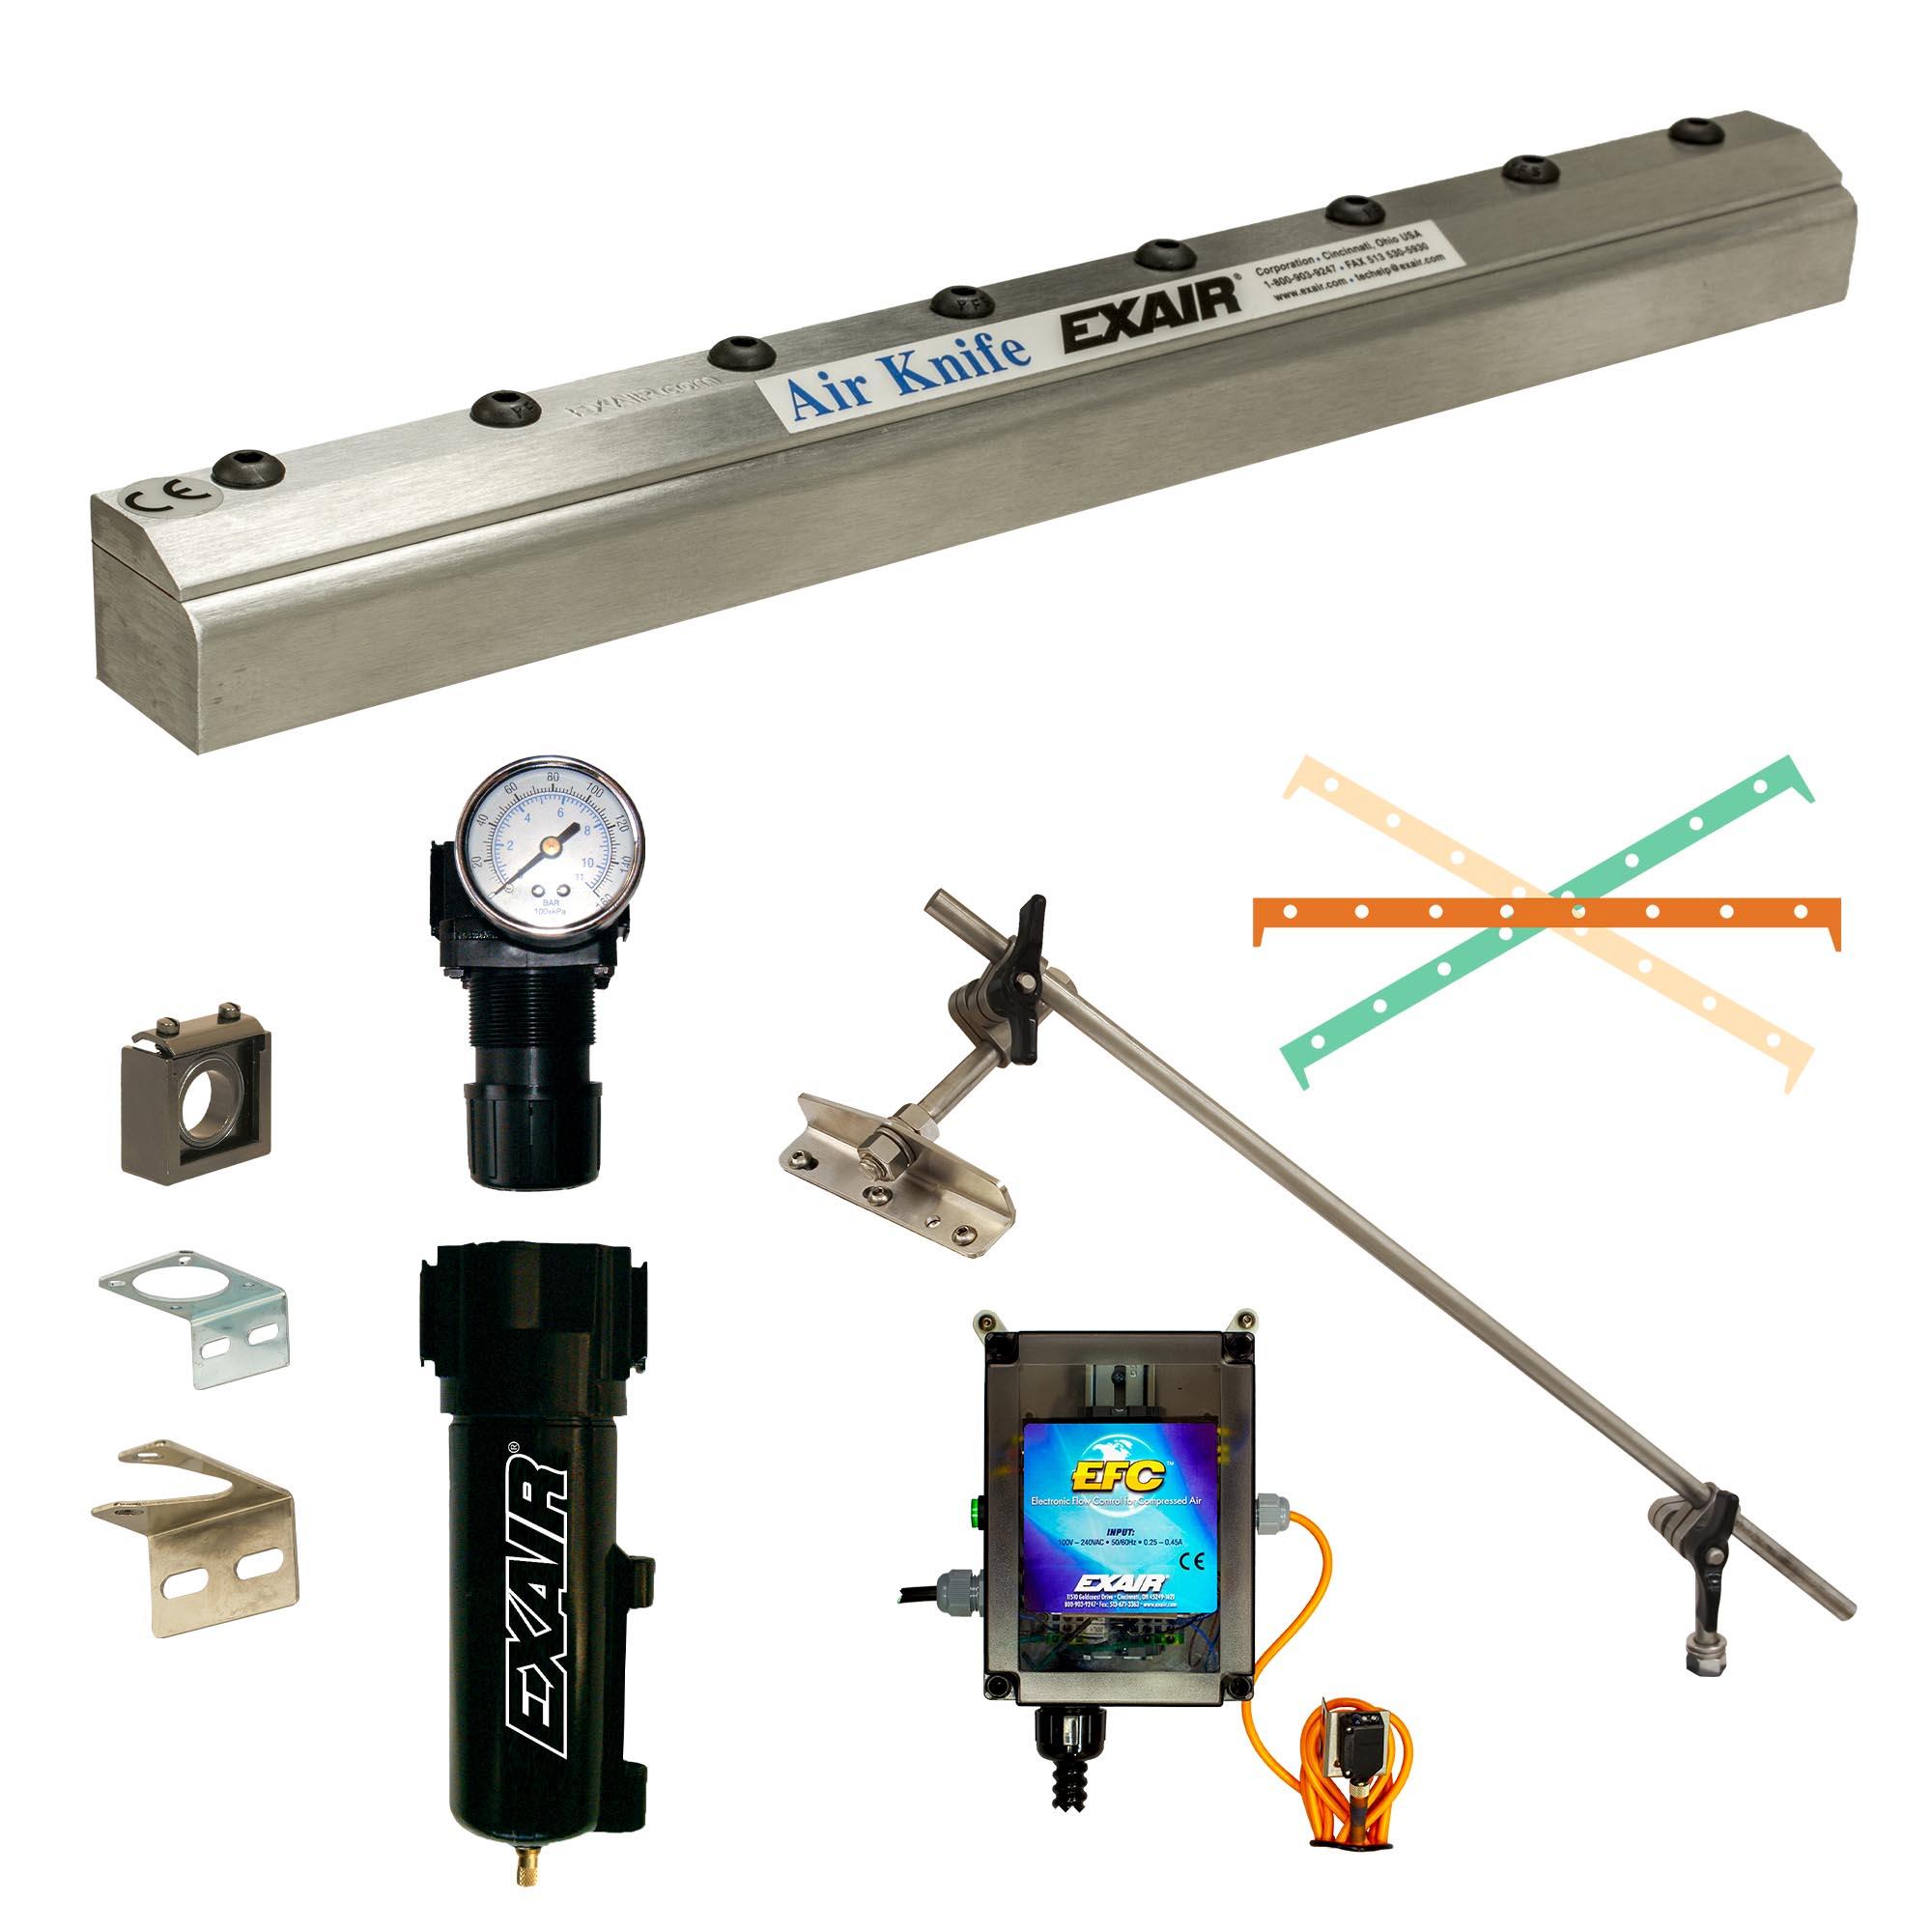 Aluminum Full-Flow Air Knife Deluxe Kit